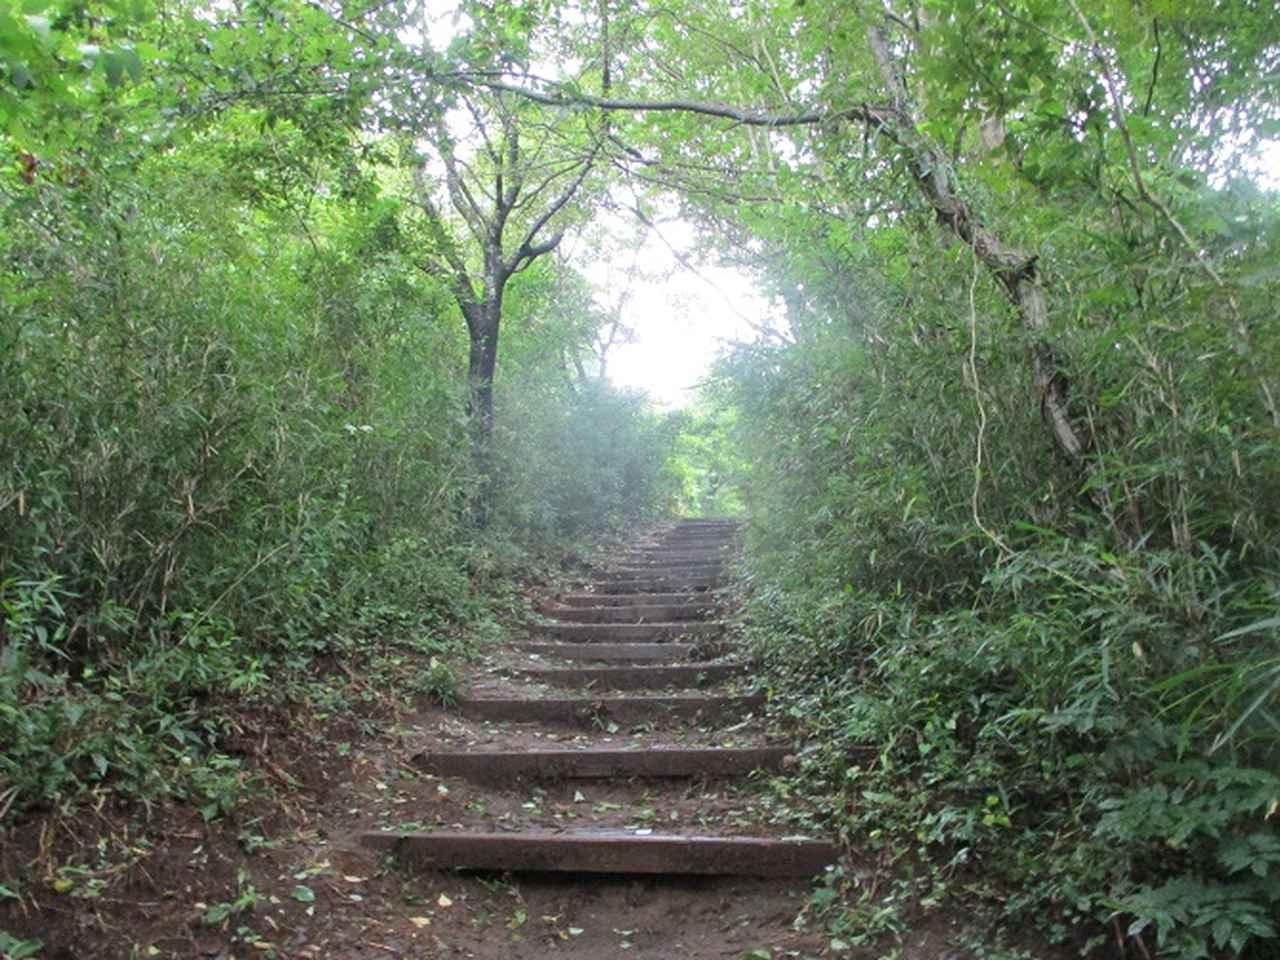 画像3: 9月の山旅会現地集合 「城山から景信山」 ツアーの下見に行ってきました!